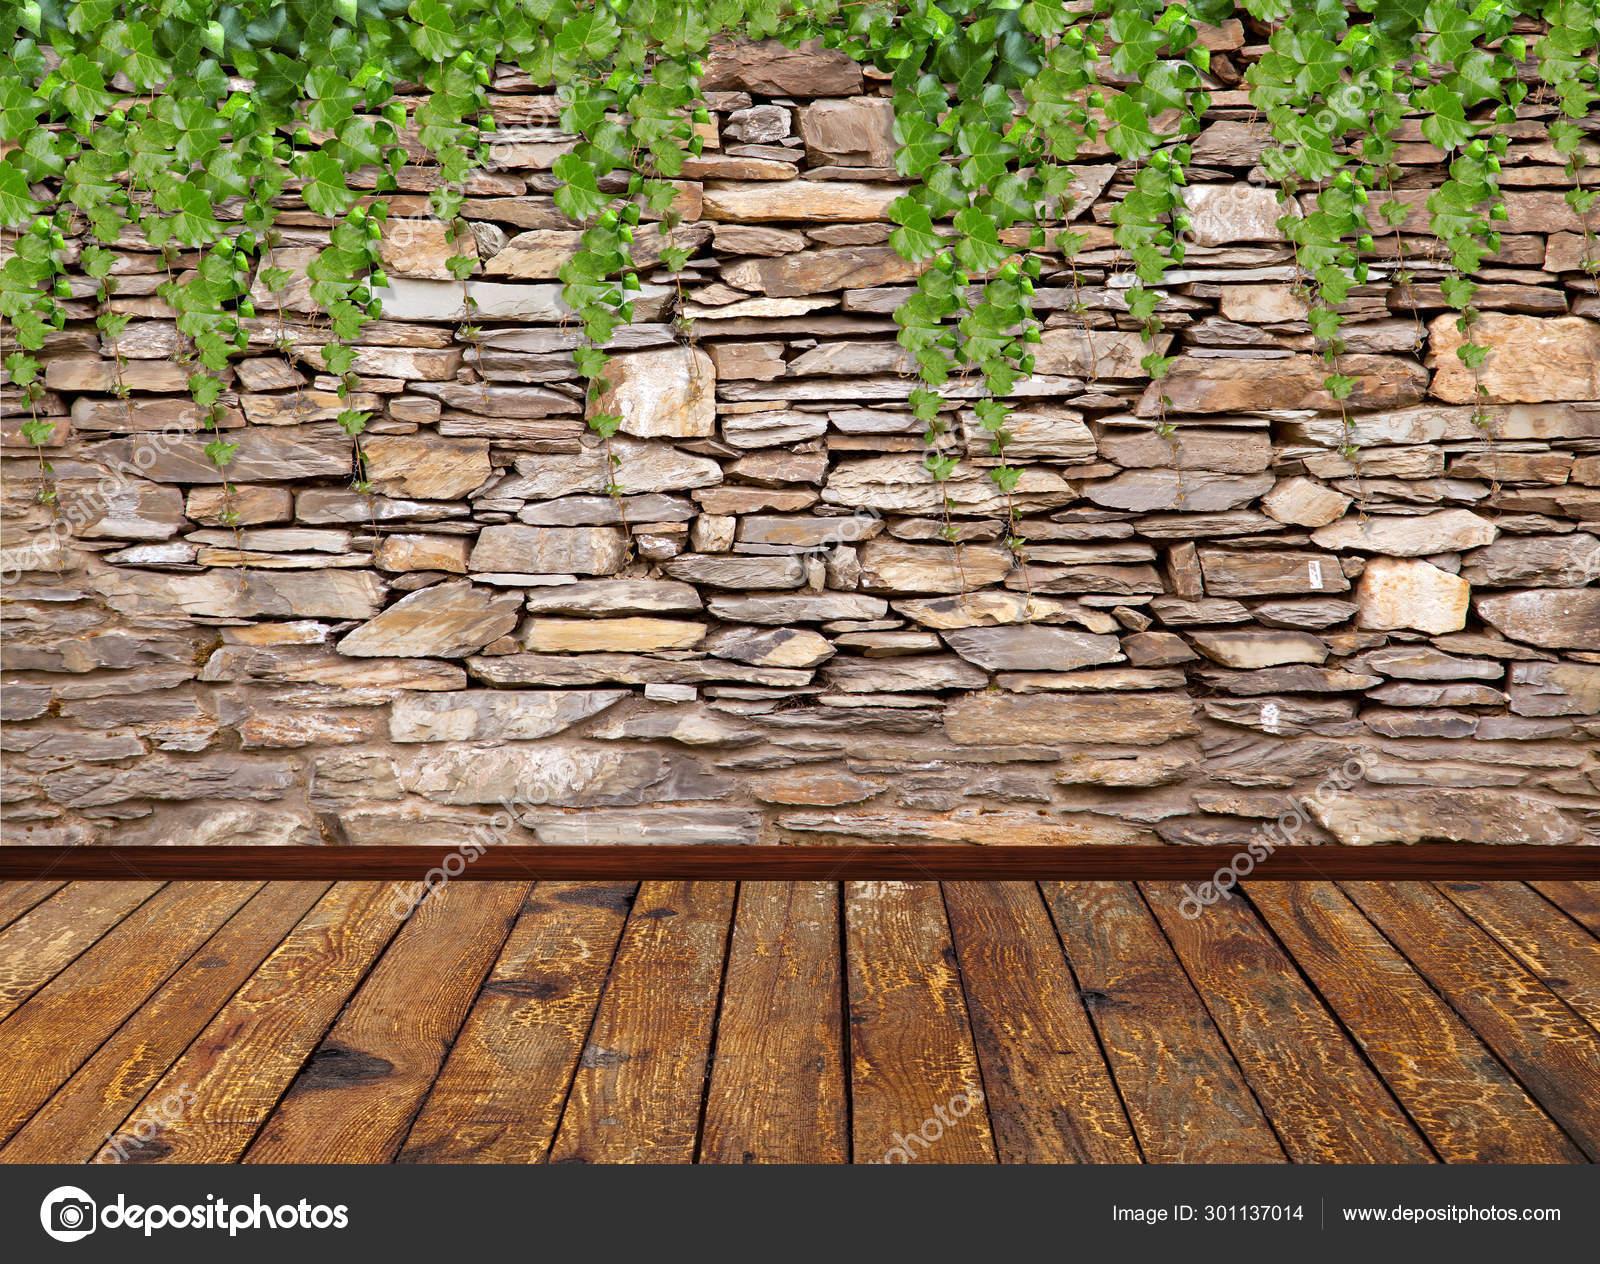 Amazing Nature Background Wallpaper Stock Photo By C Zevahir 301137014